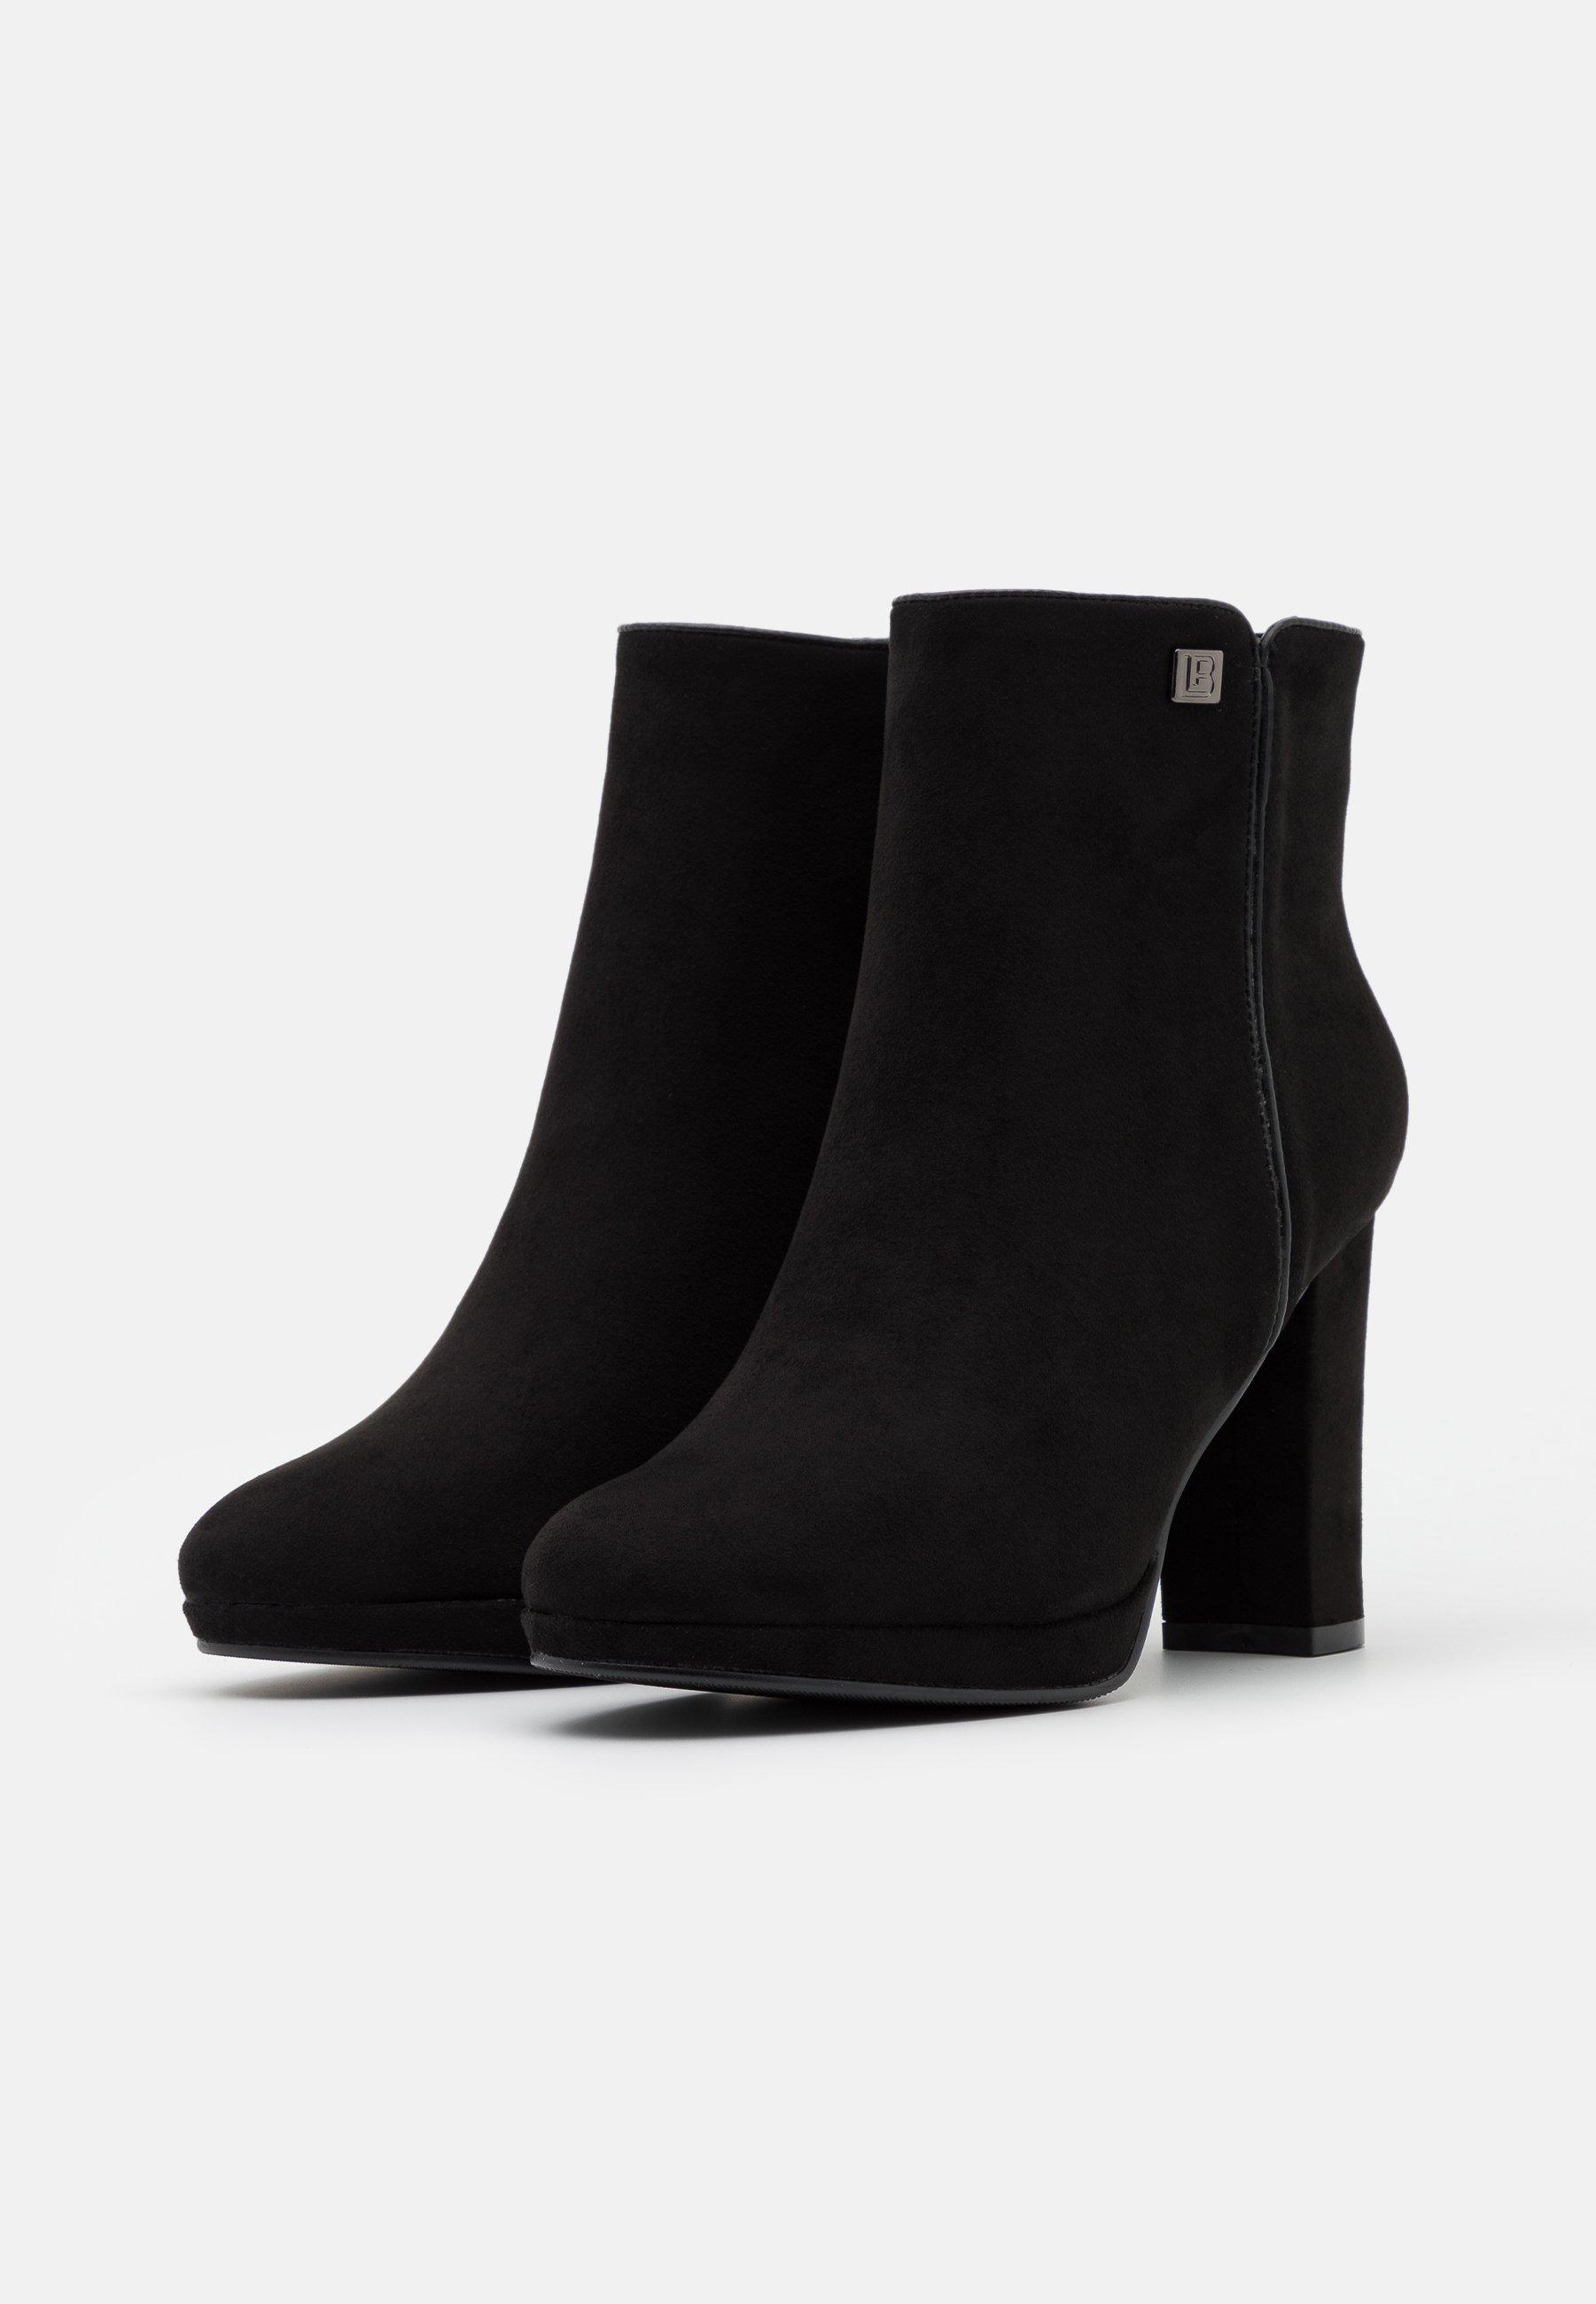 Laura Biagiotti High Heel Stiefelette black/schwarz